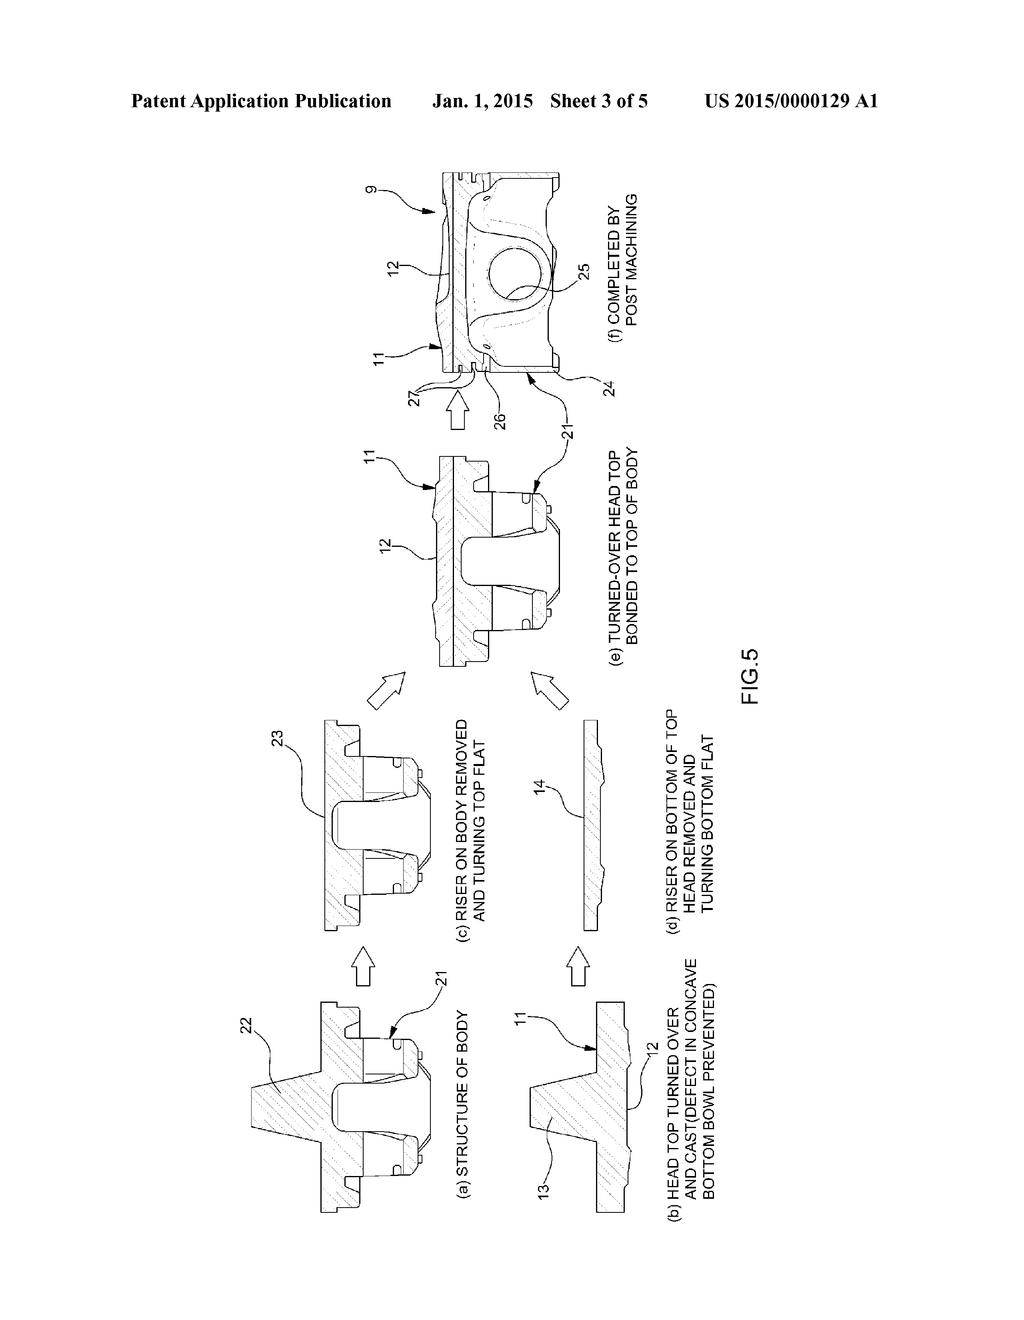 Wrg Diagram Of Auto Engine Piston